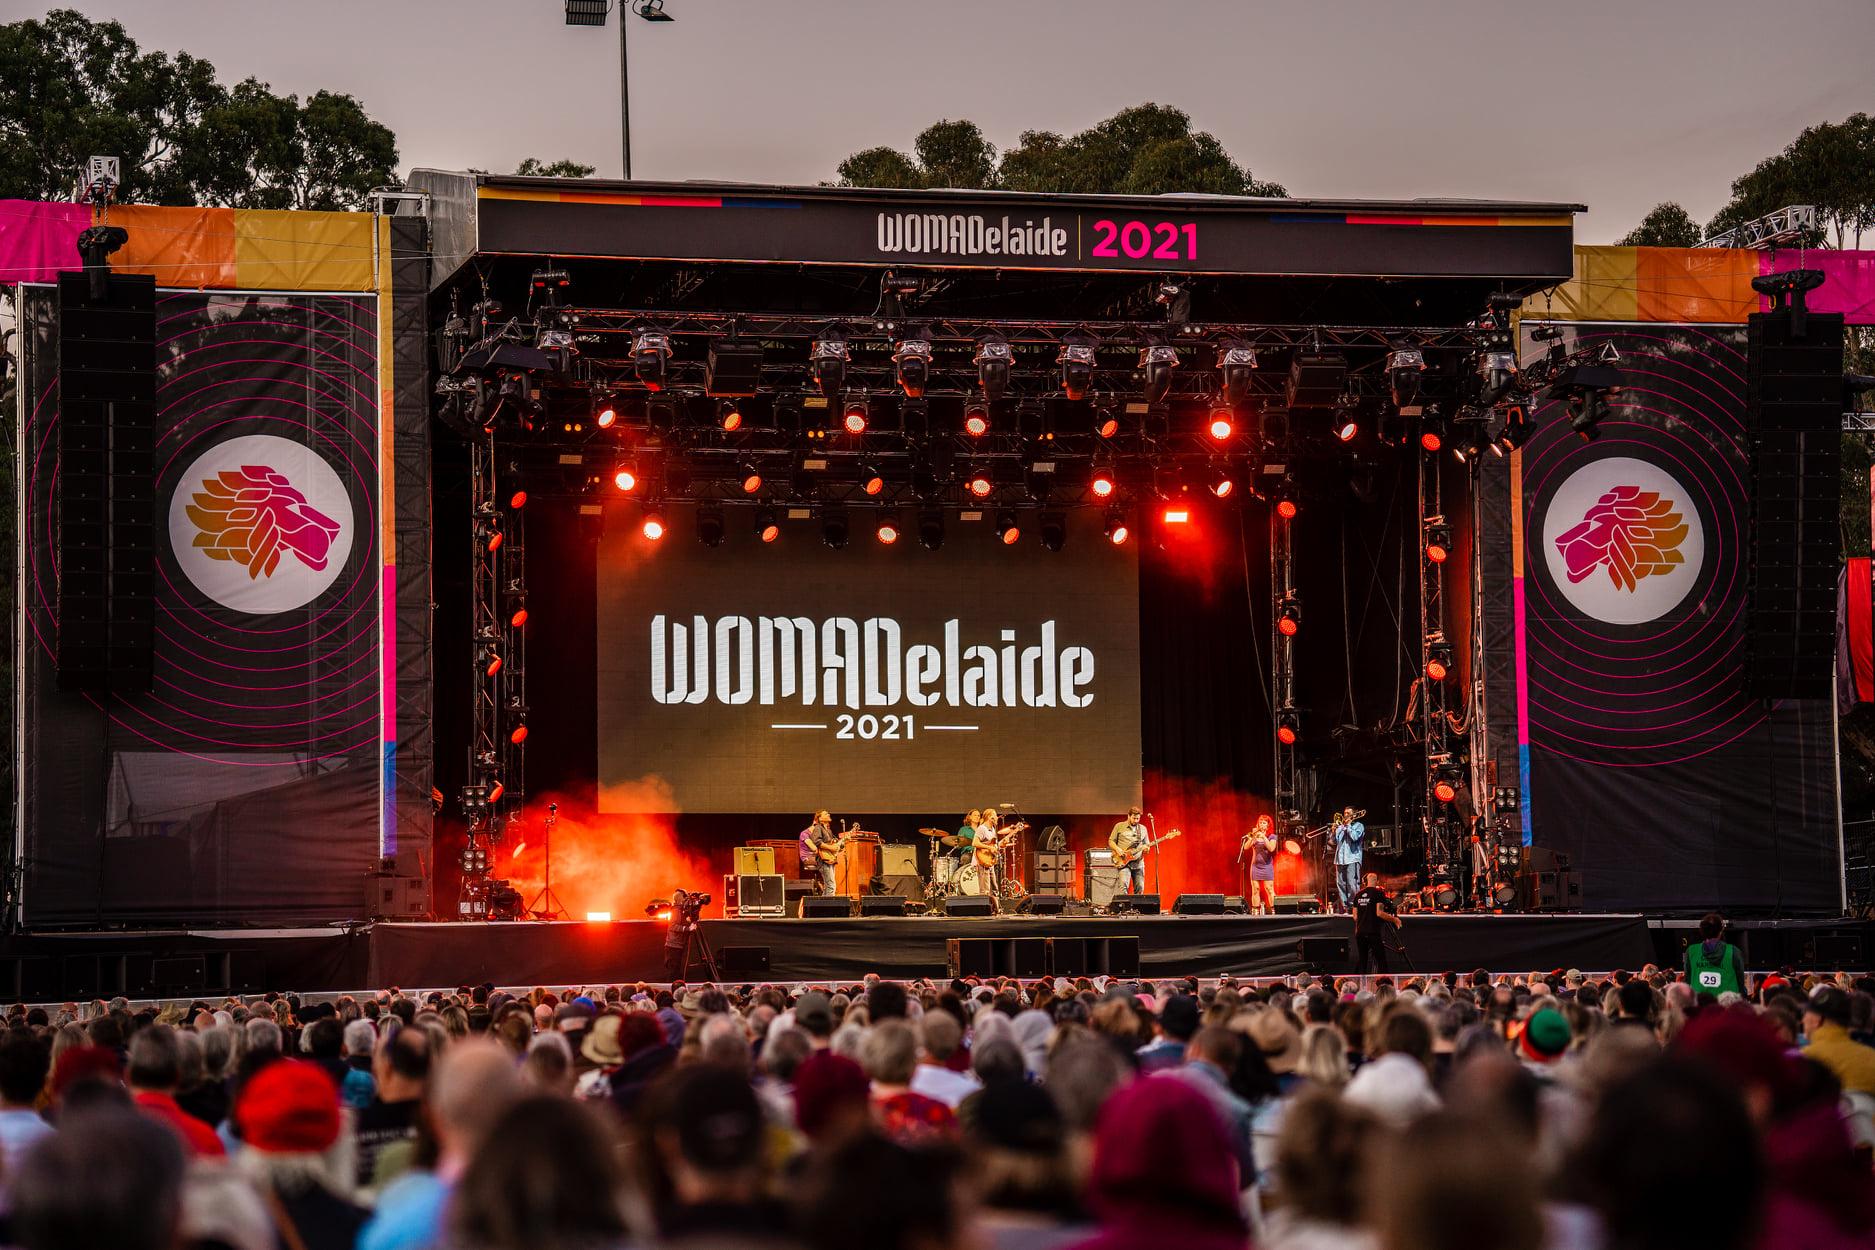 Womadelaide Festival Australia 2021